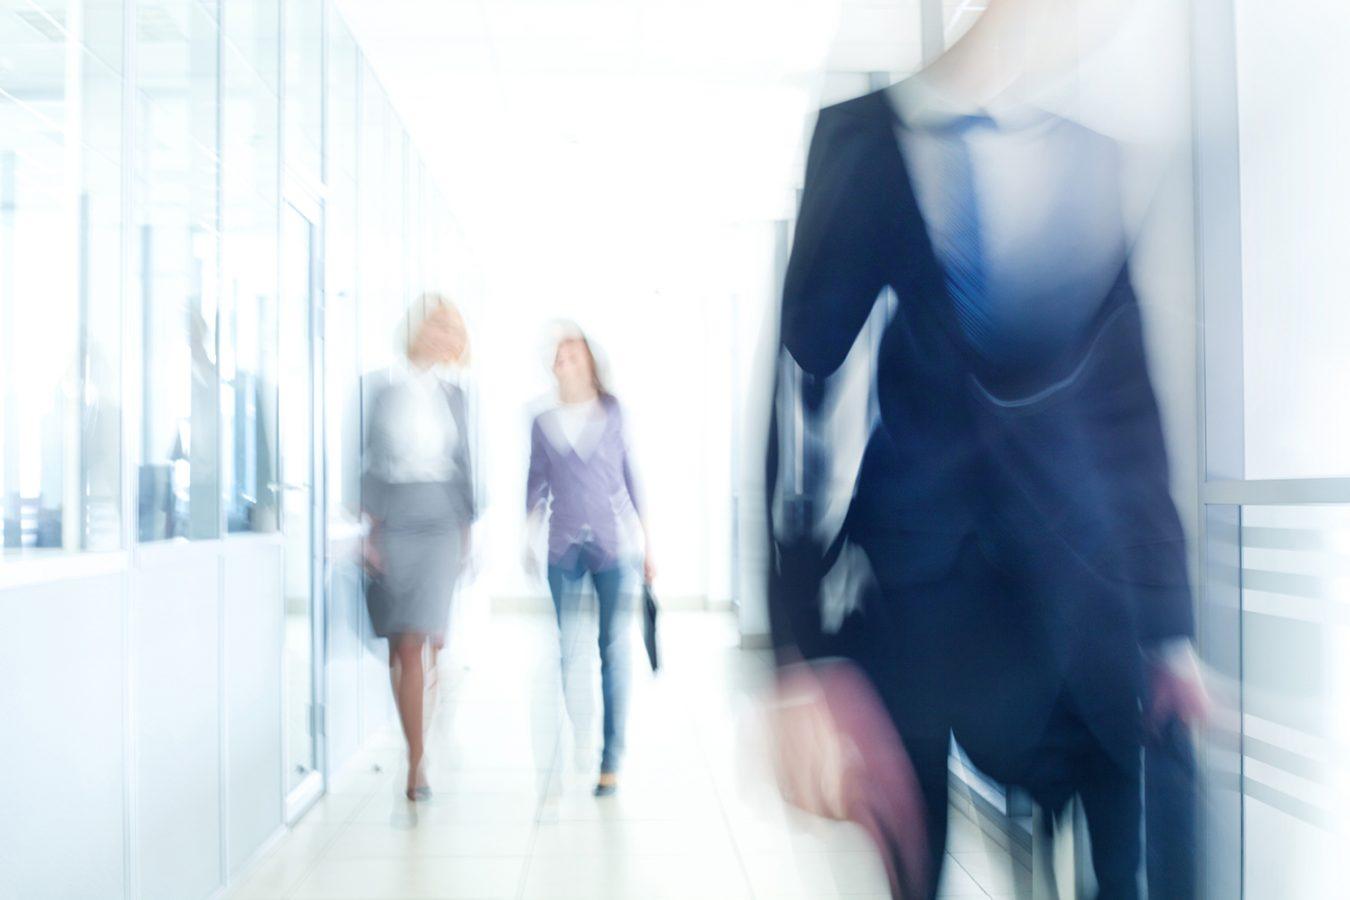 To kvinner og en mann går gjennom en korridor. Bildet er uskarpt.